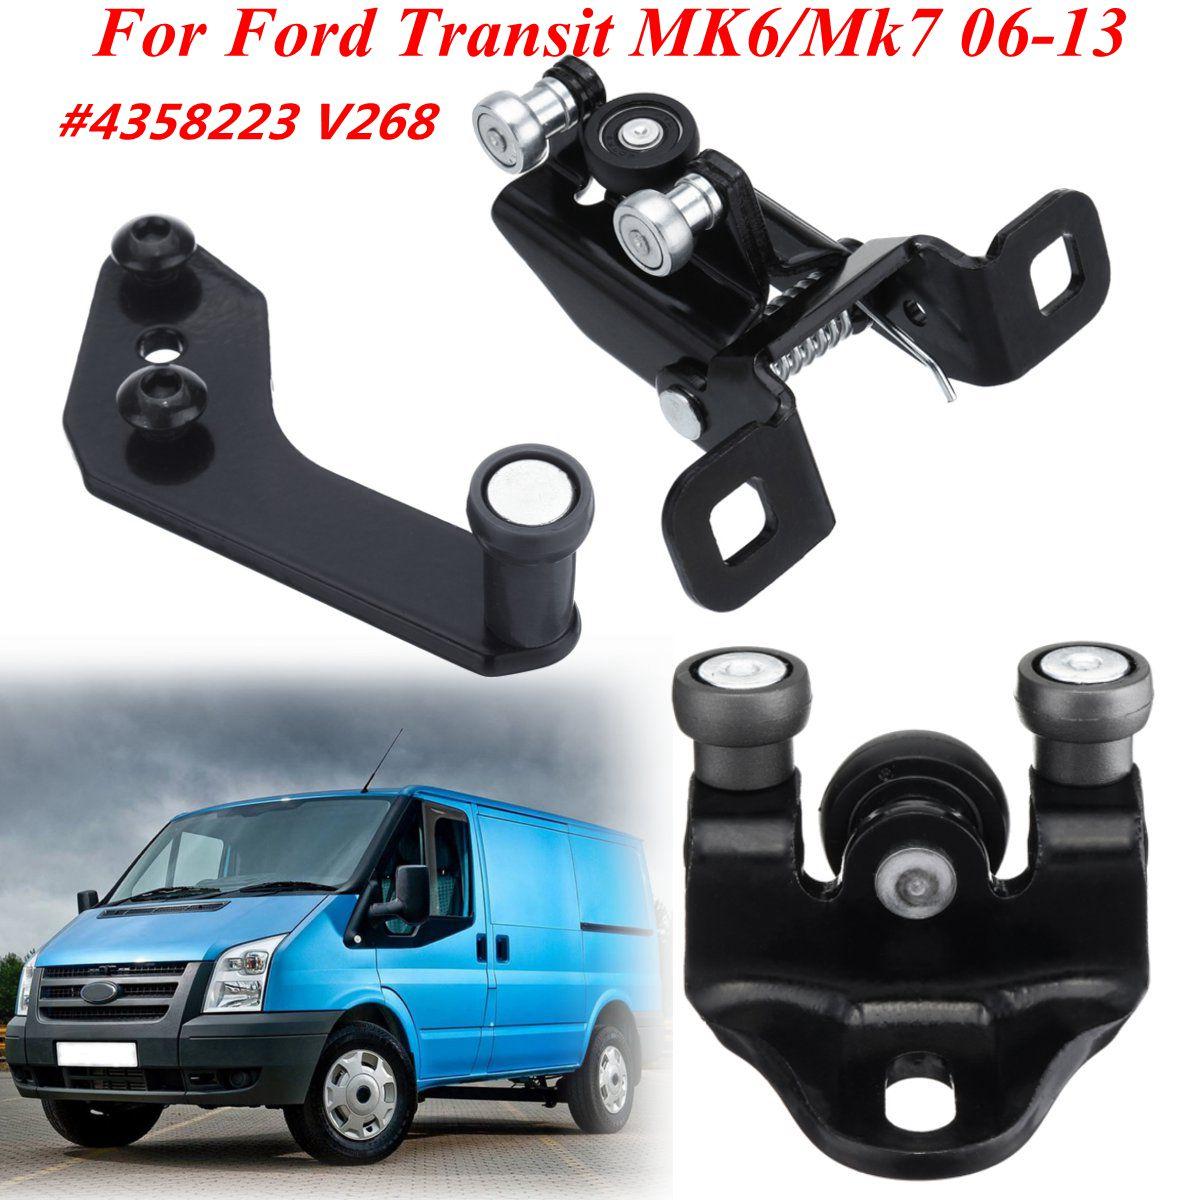 Side Sliding Door Top Middle Bottom Roller Runner Left/Right Side FOR Ford Transit MK7/MK6 2006-2013 4358223 V268 AJ - 4358223